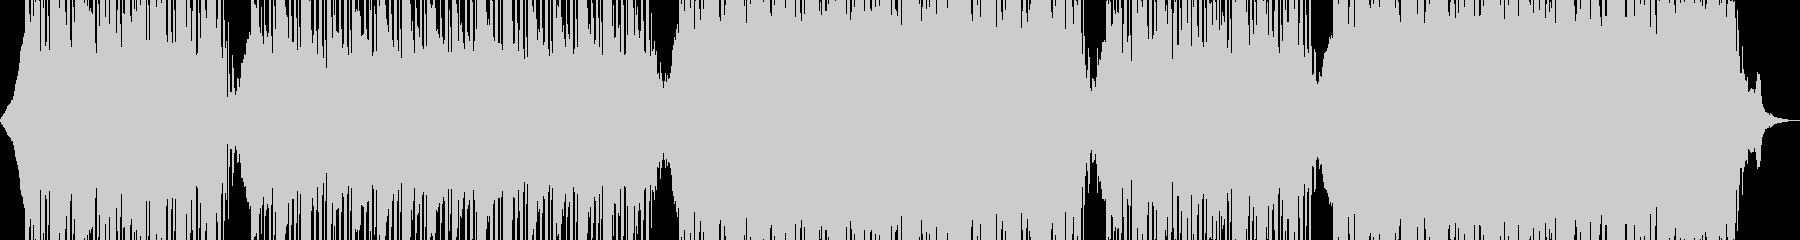 ポップ ロック 代替案 コーポレー...の未再生の波形